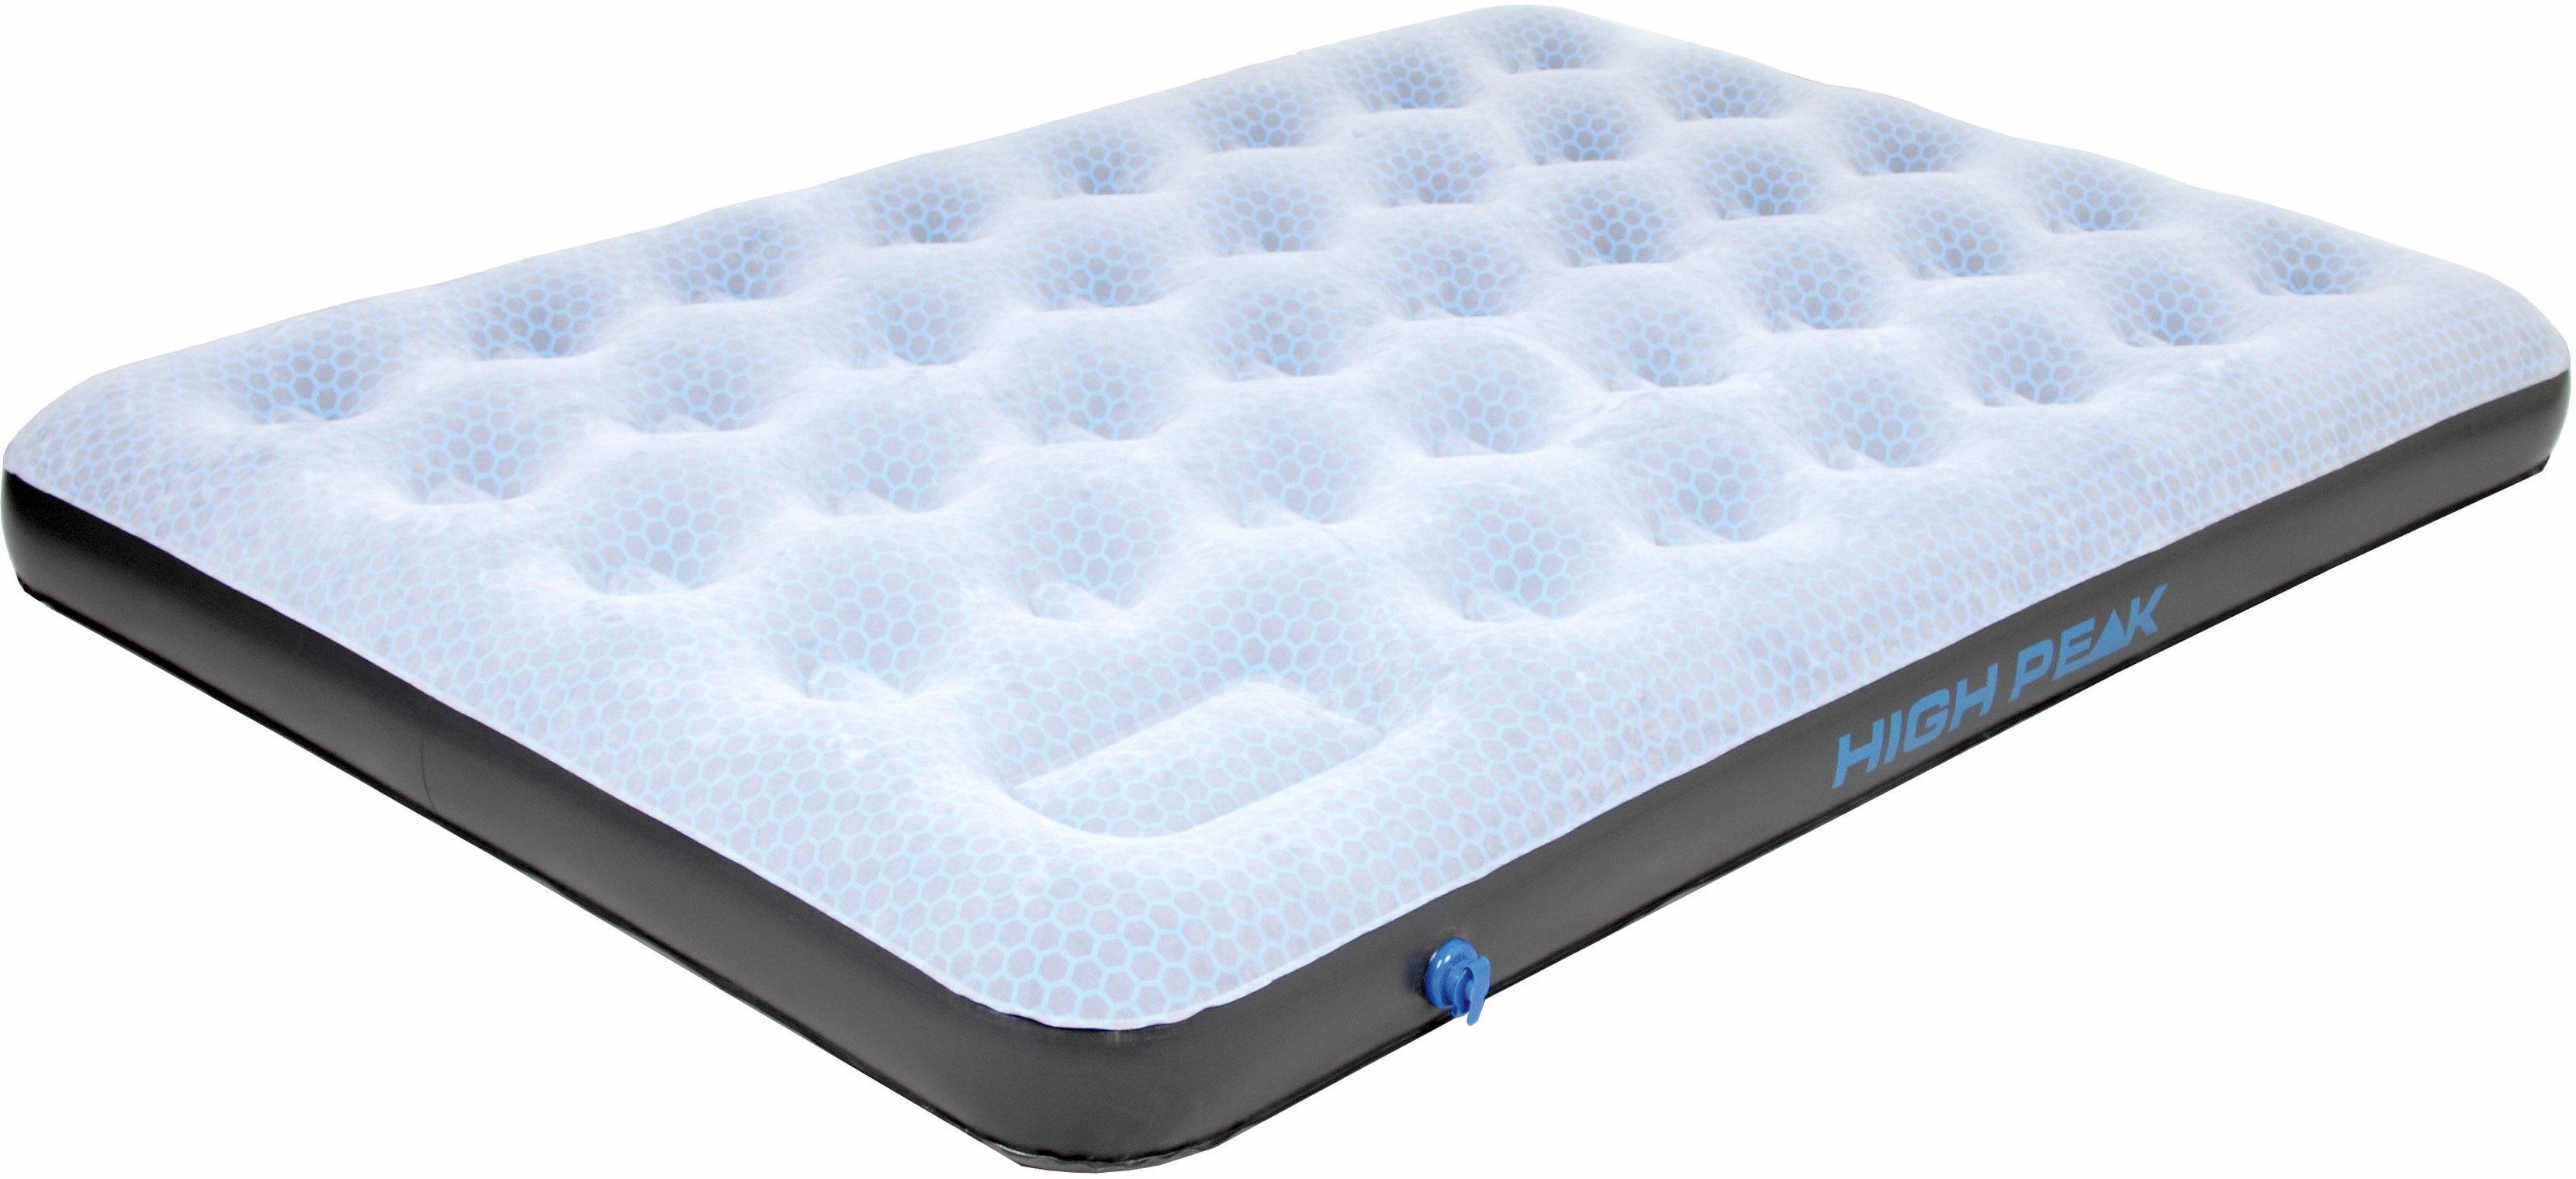 High Peak luchtbed, »Double Comfort Plus« voordelig en veilig online kopen